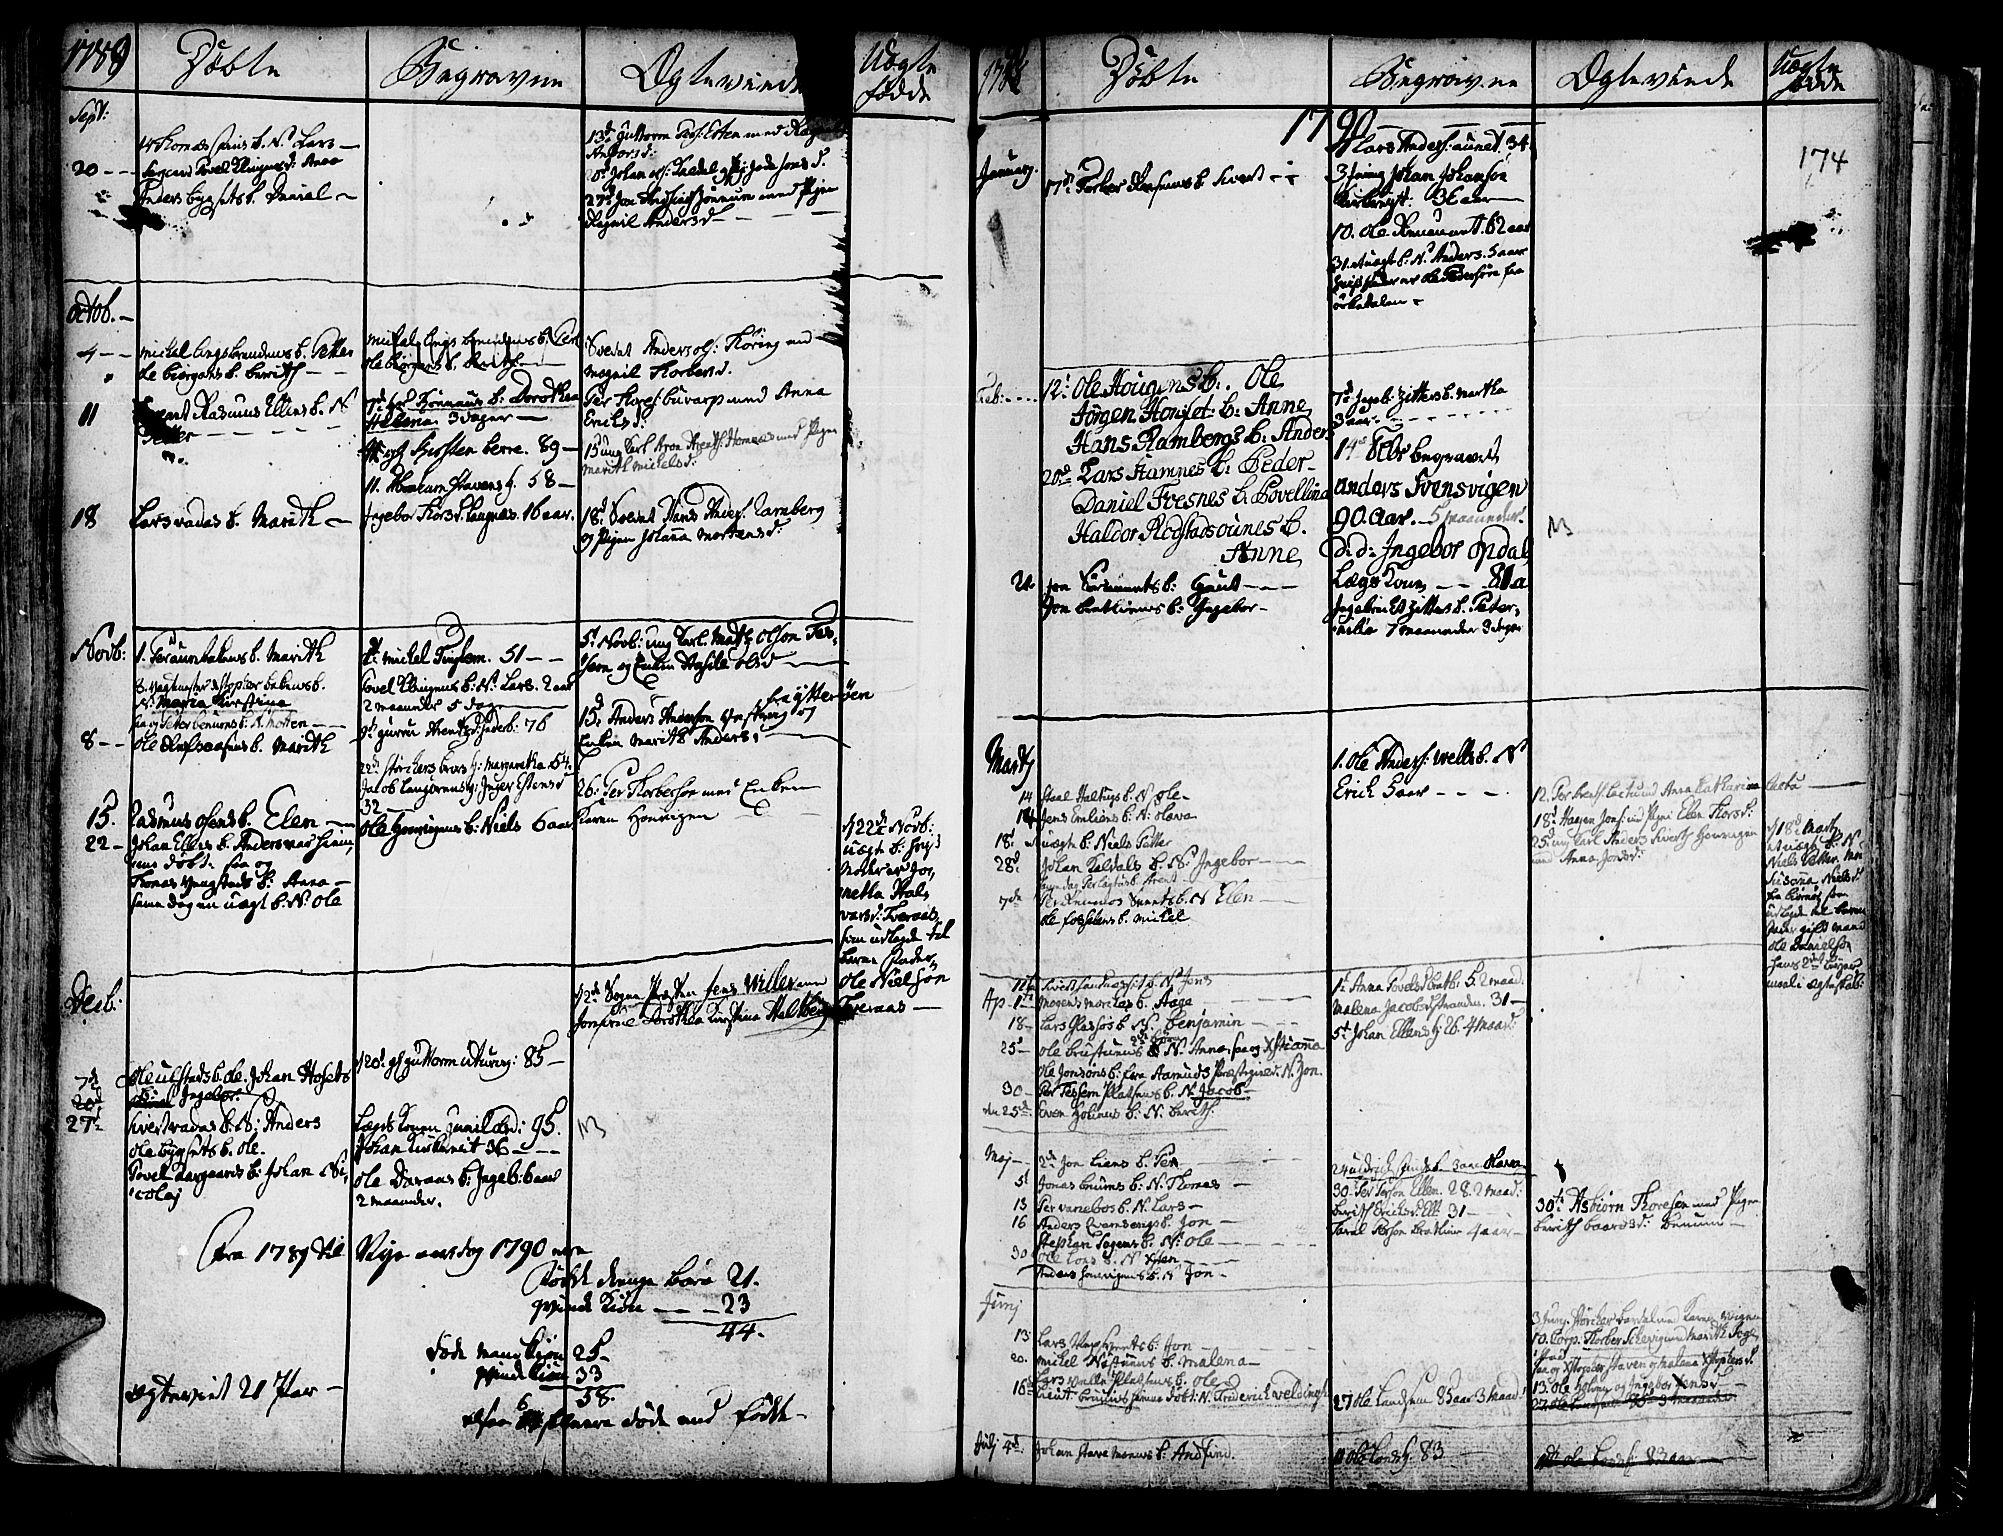 SAT, Ministerialprotokoller, klokkerbøker og fødselsregistre - Nord-Trøndelag, 741/L0385: Ministerialbok nr. 741A01, 1722-1815, s. 174